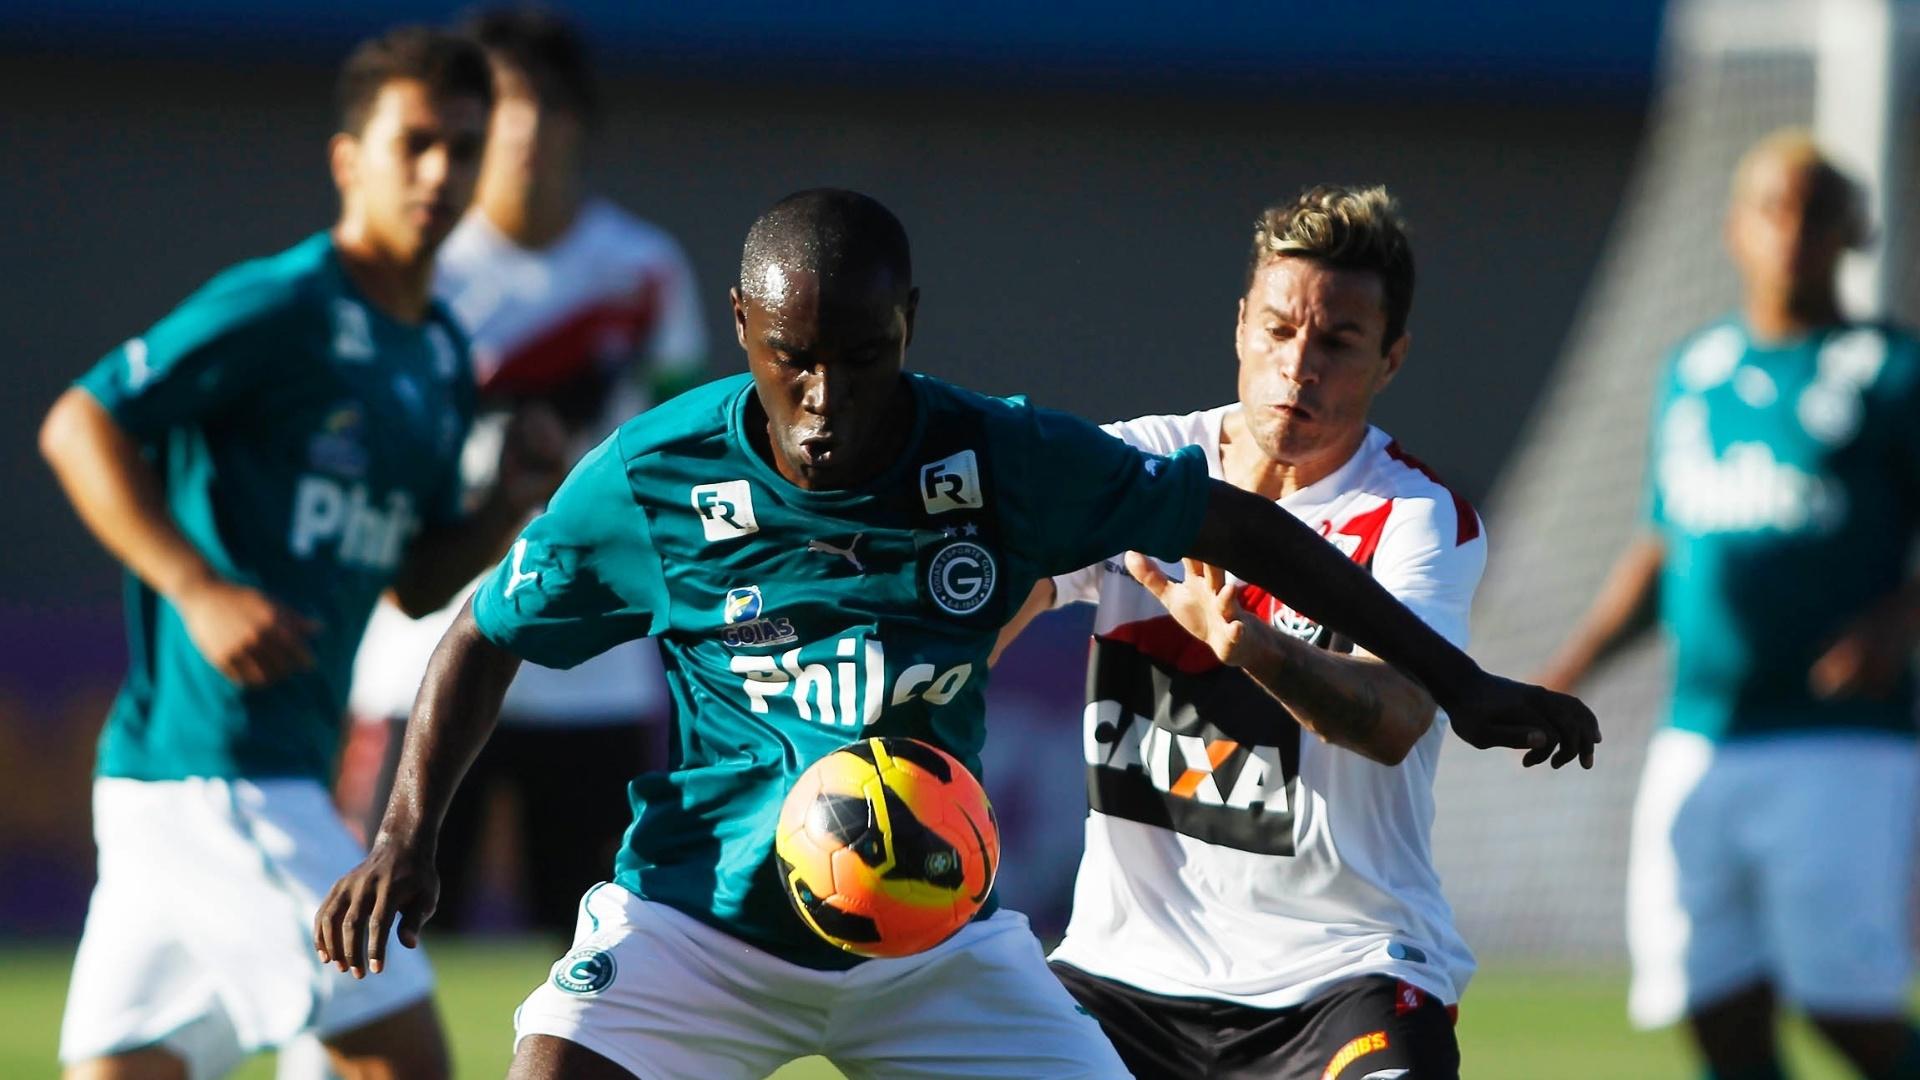 07.jul.2013 - Hugo, meia do Goiás, tenta domínio de bola durante jogo contra o Vitória, no Serra Dourada